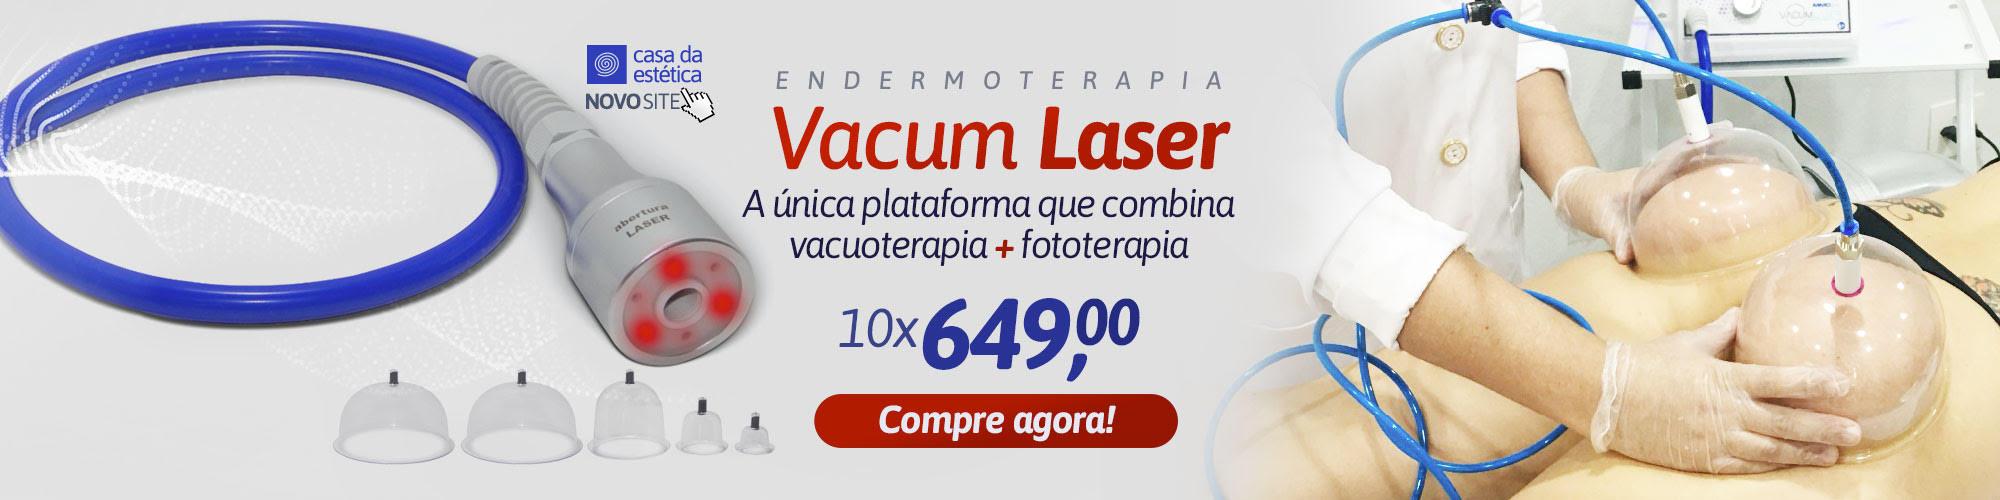 VACUM LASER